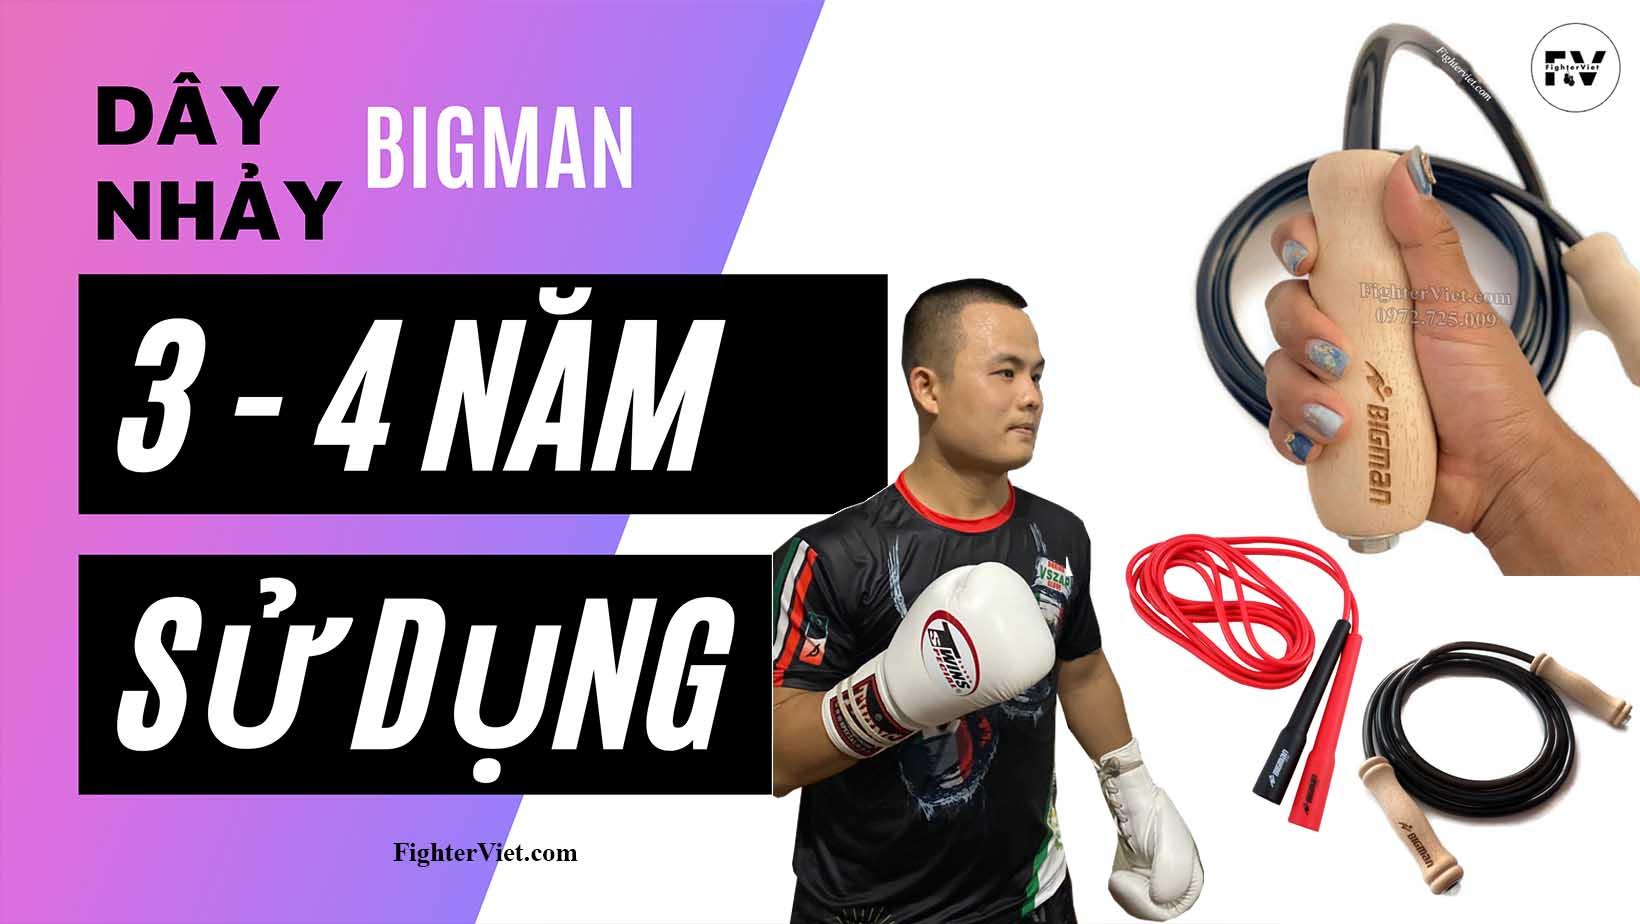 Vì sao dây nhảy BigMan Thái Lan được yêu thích đến vậy ?